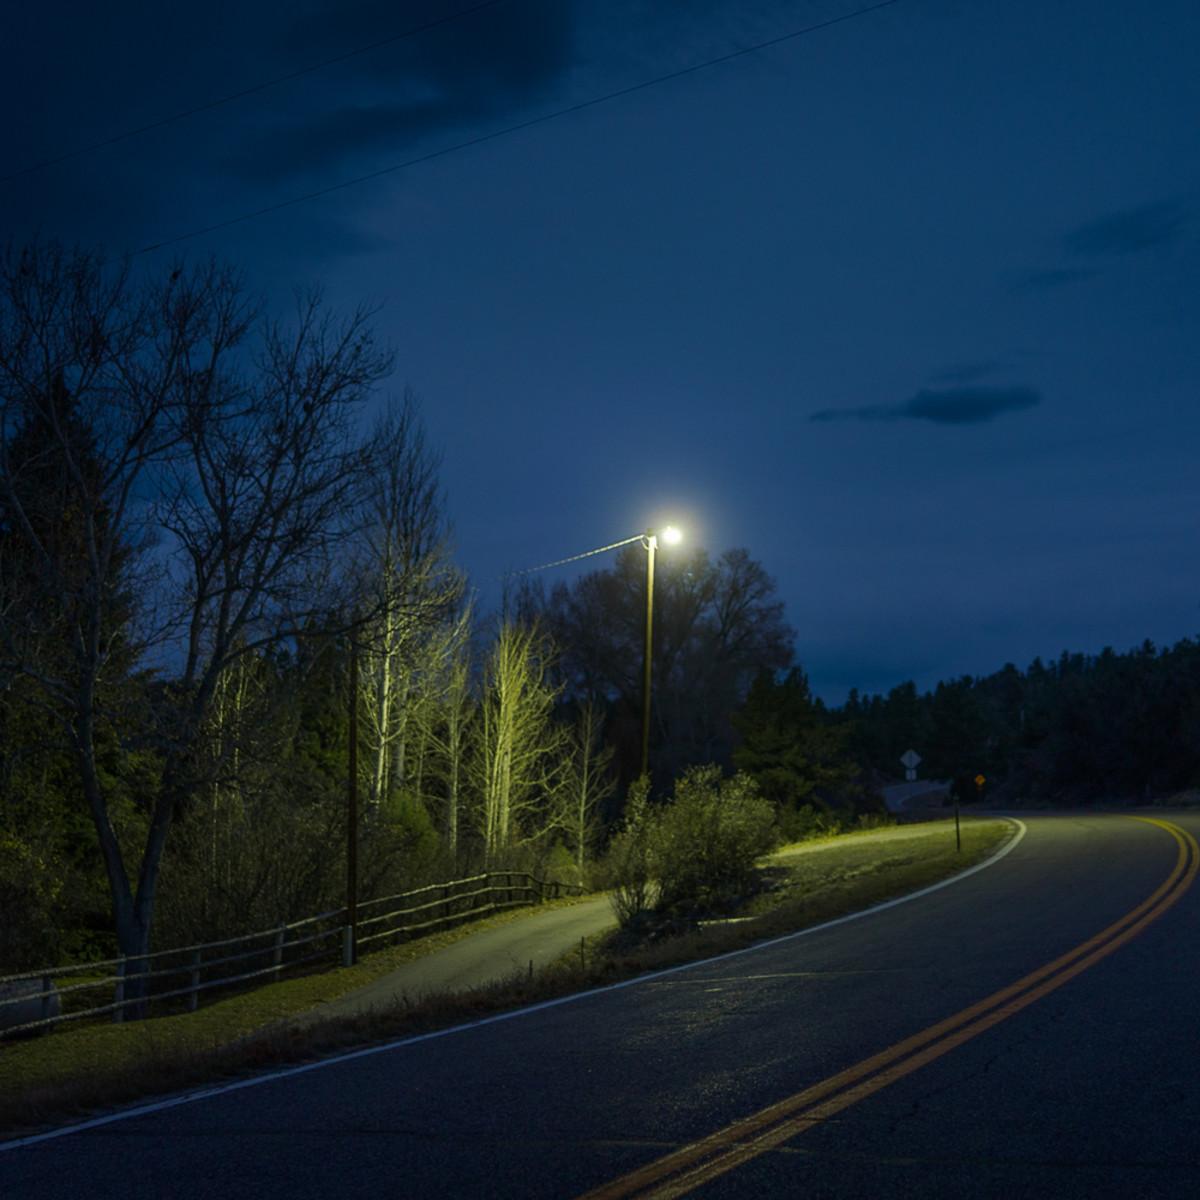 Highway 67 colorado  vw0vqv